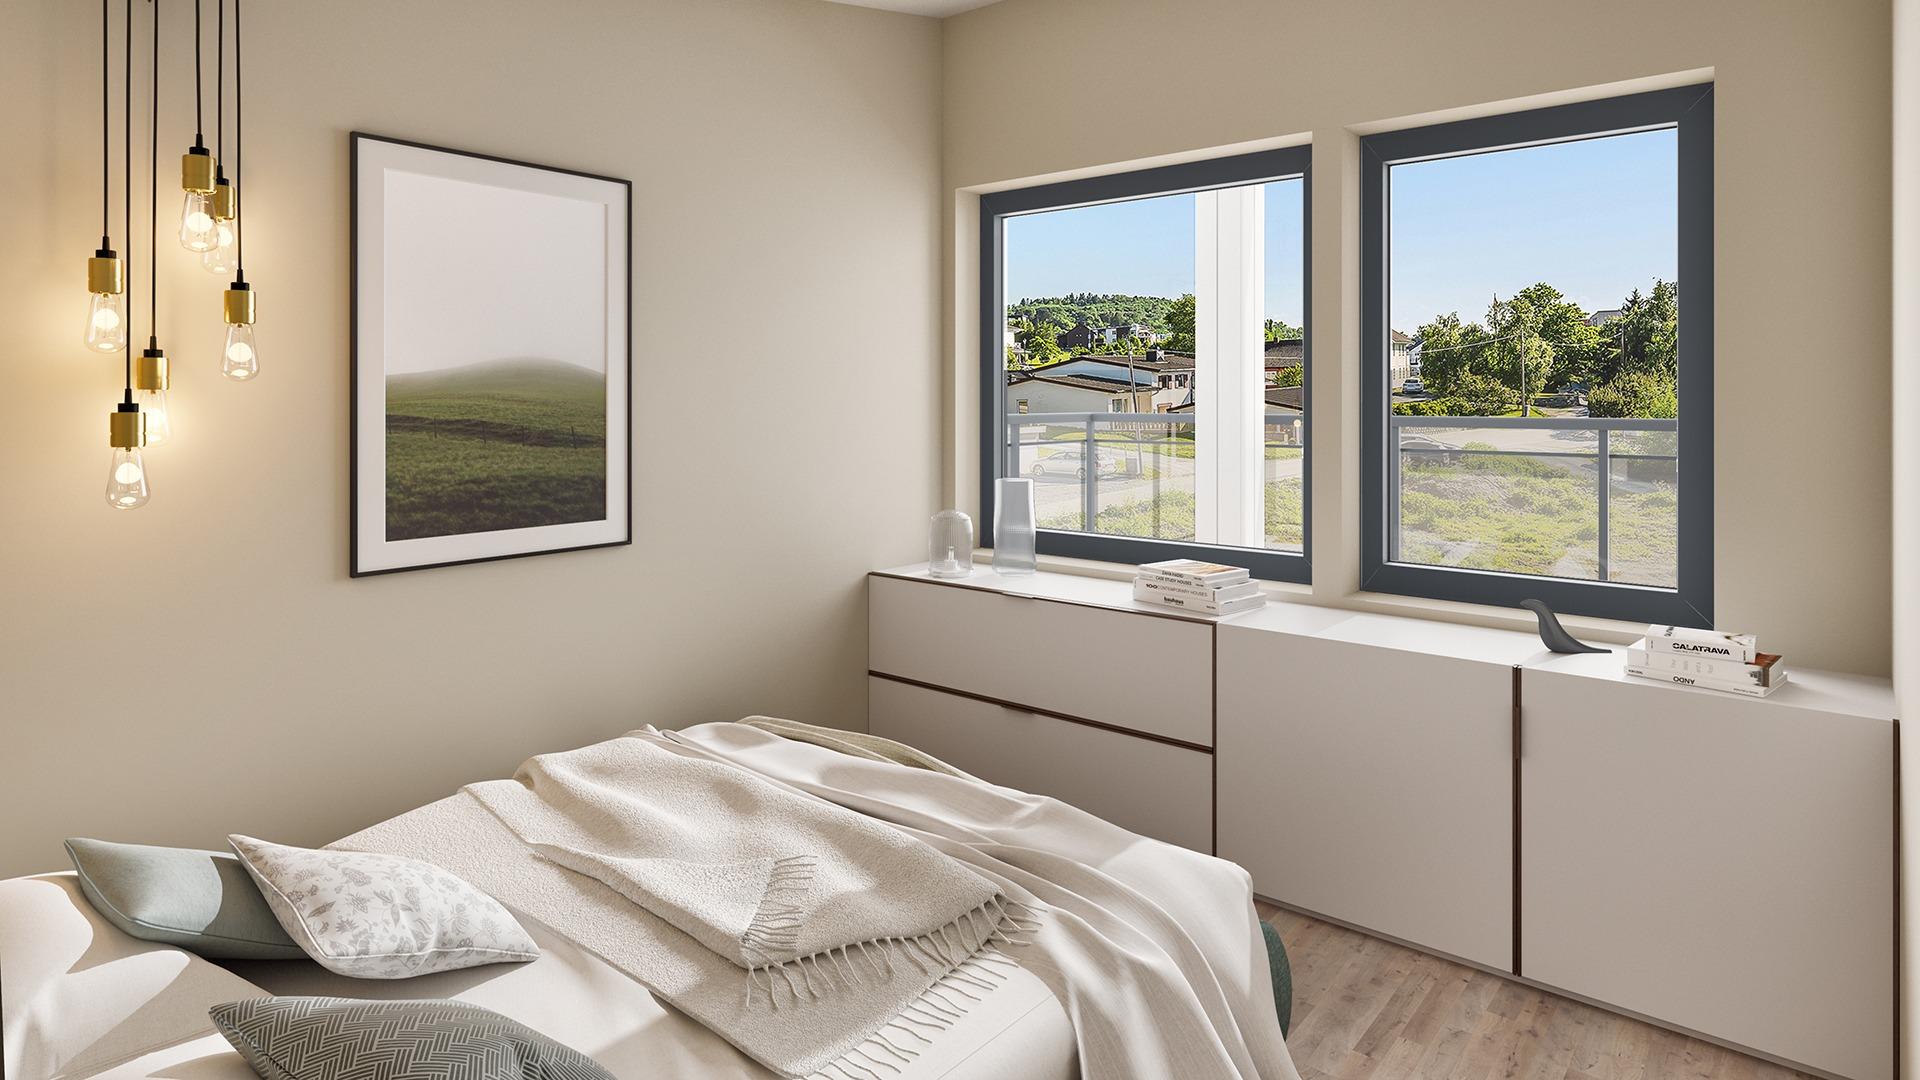 Det største soverommet har walk-in-closet og egen balkong. Tenk deg å våkne opp her! Illustrasjon, avvik kan forekomme.